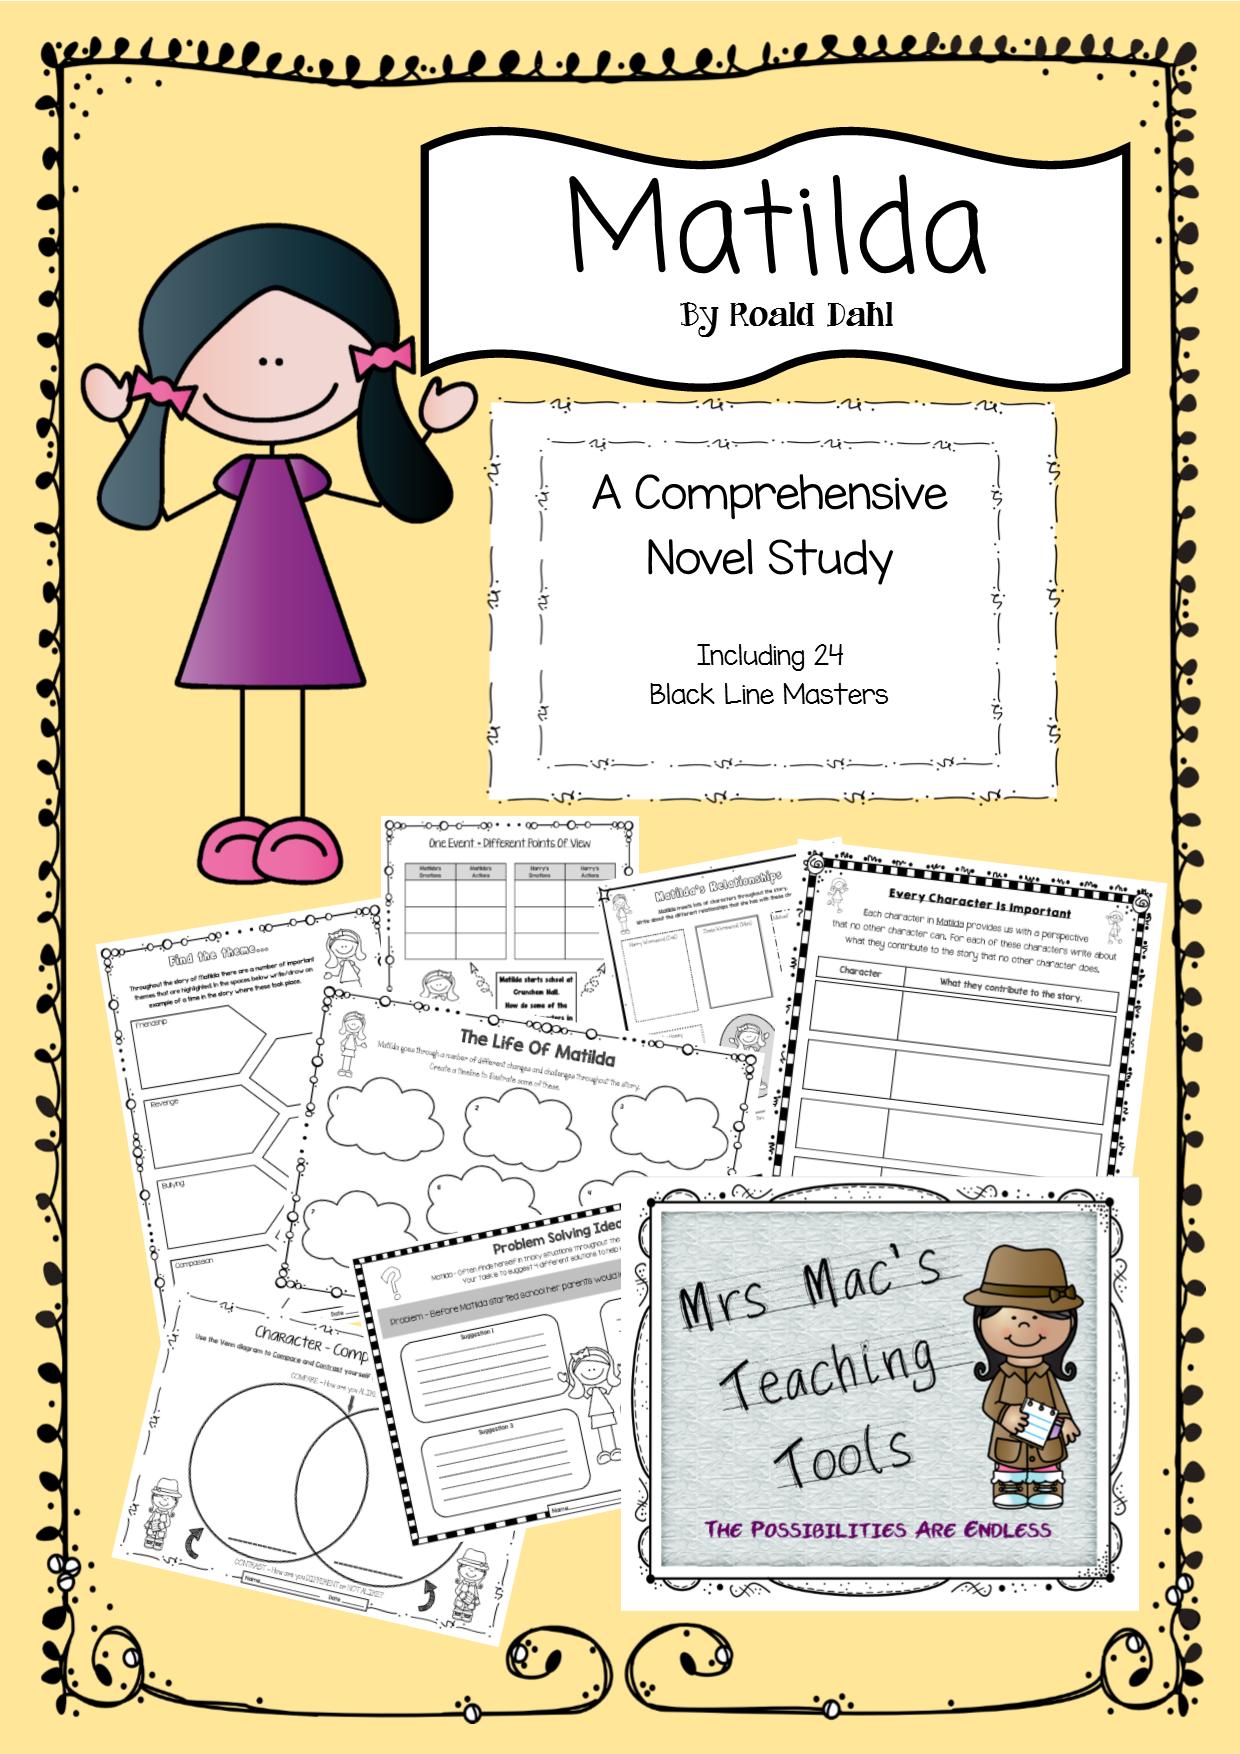 Matilda A Comprehensive Novel Study Including 24